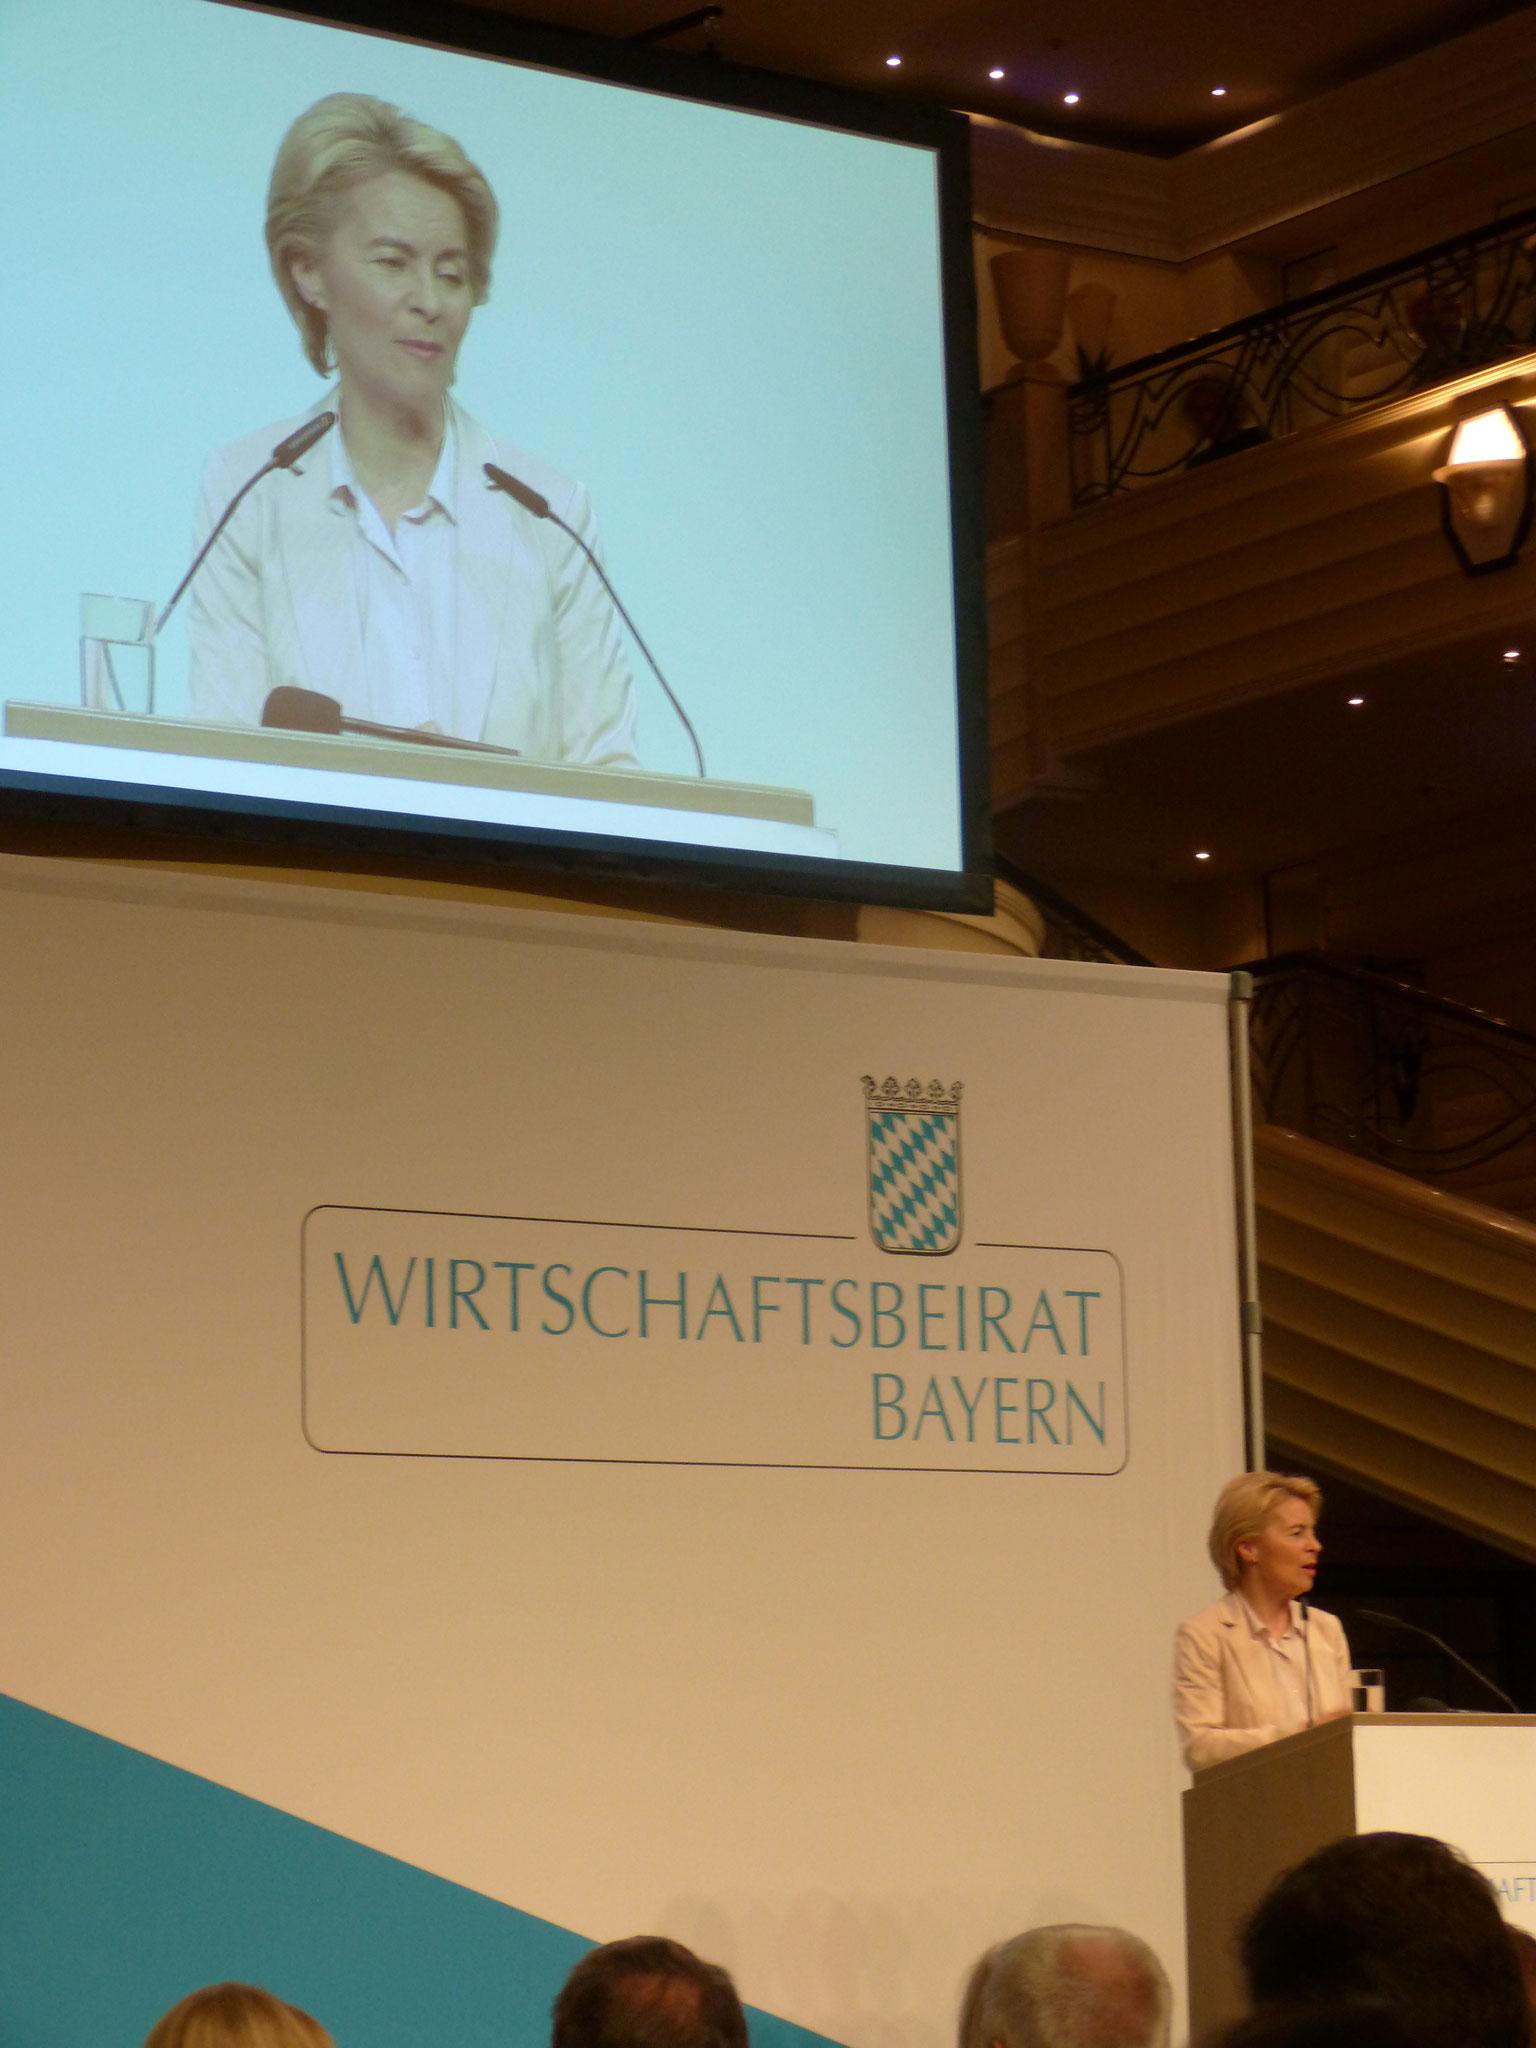 Frau Dr. Ursula von der Leyen ruft zu einer europäischen Zukunft auf